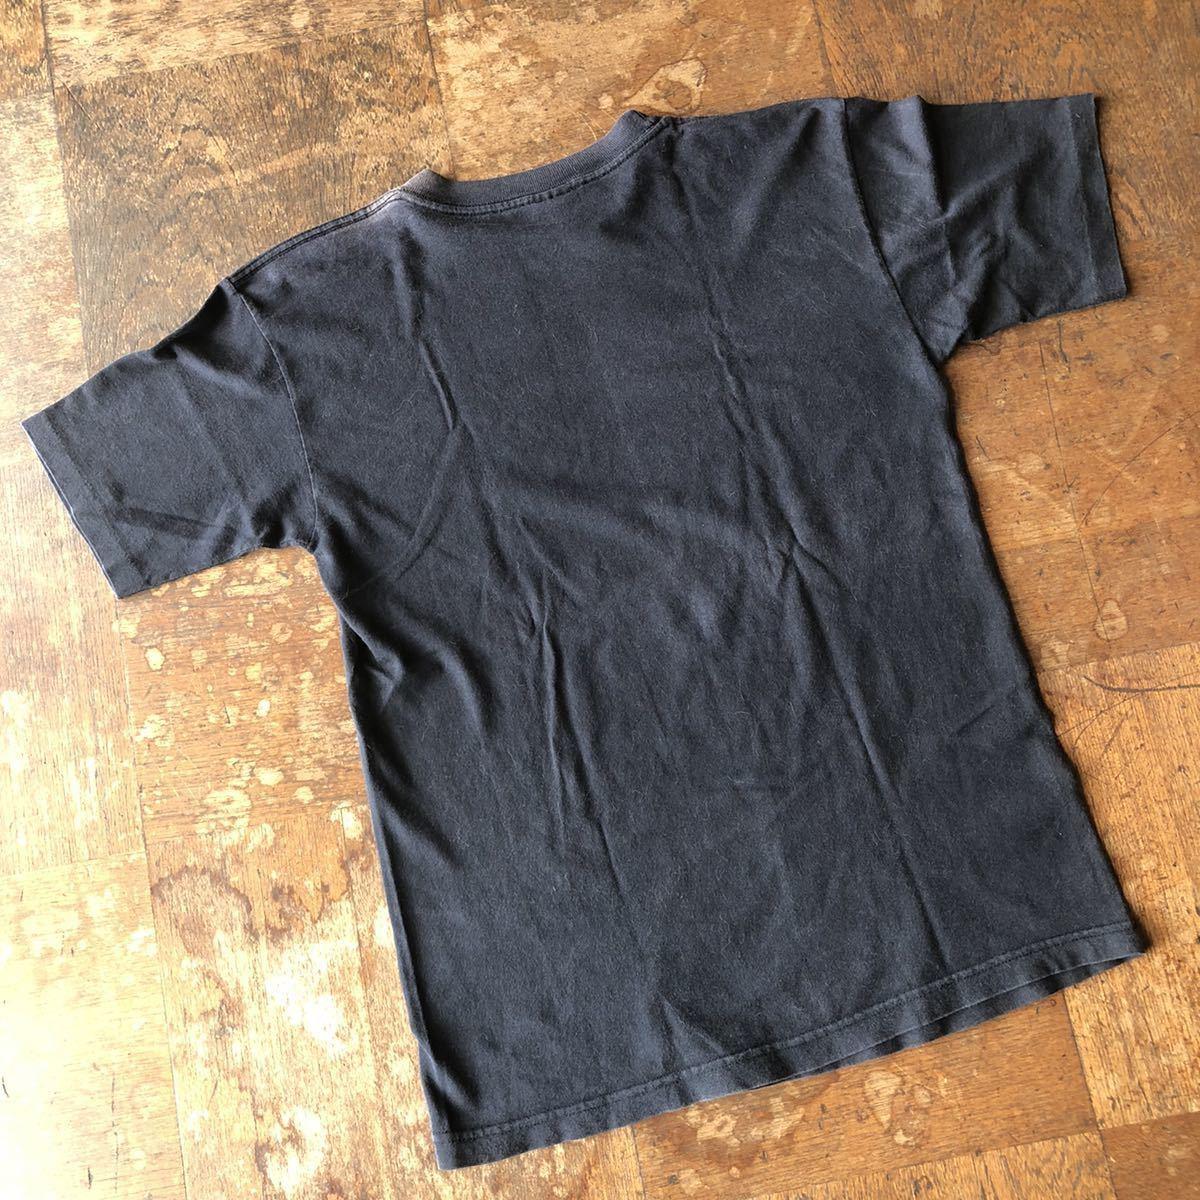 90s USA製 ビンテージ ブルース・リー Tシャツ / stussy ステューシー 黒タグ 初期 supreme リバース チャンピオン 70s 80s 90s 映画T _画像7